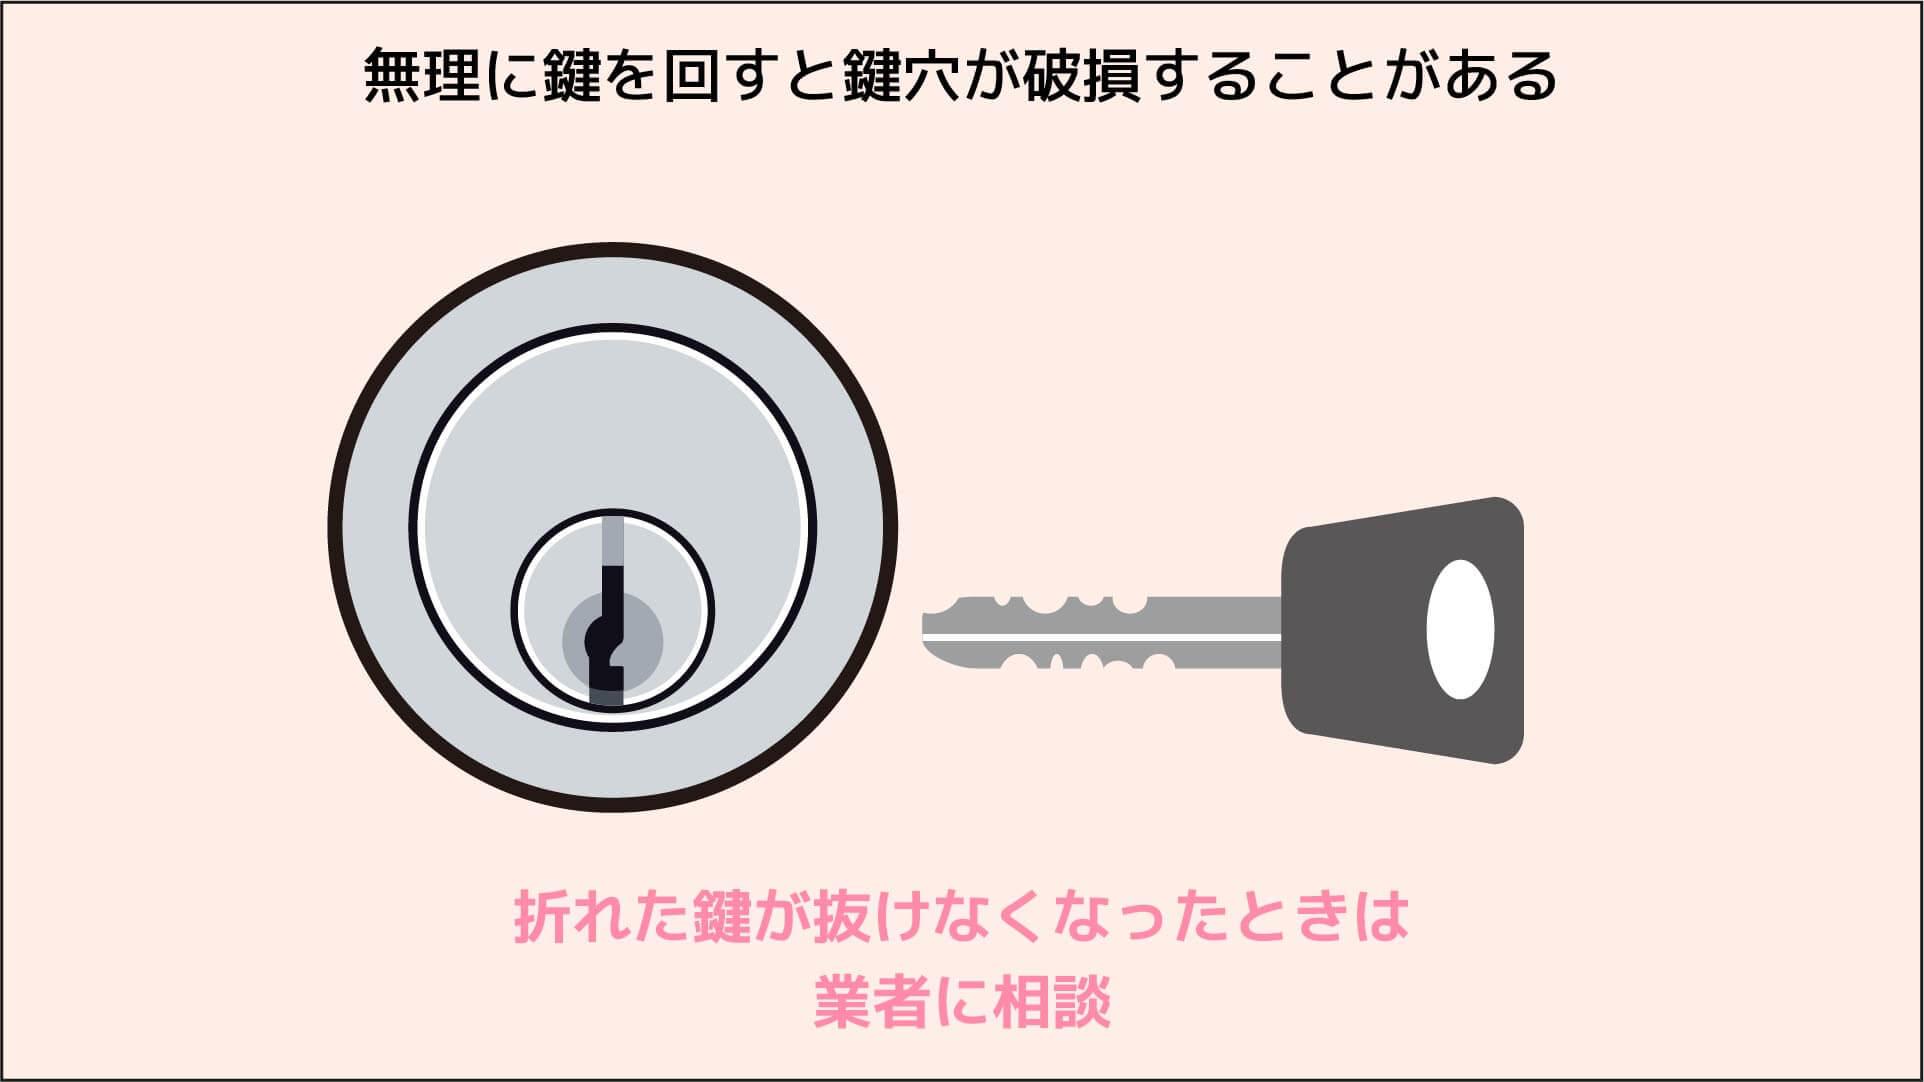 無理に鍵を回すと鍵穴が破損することがある